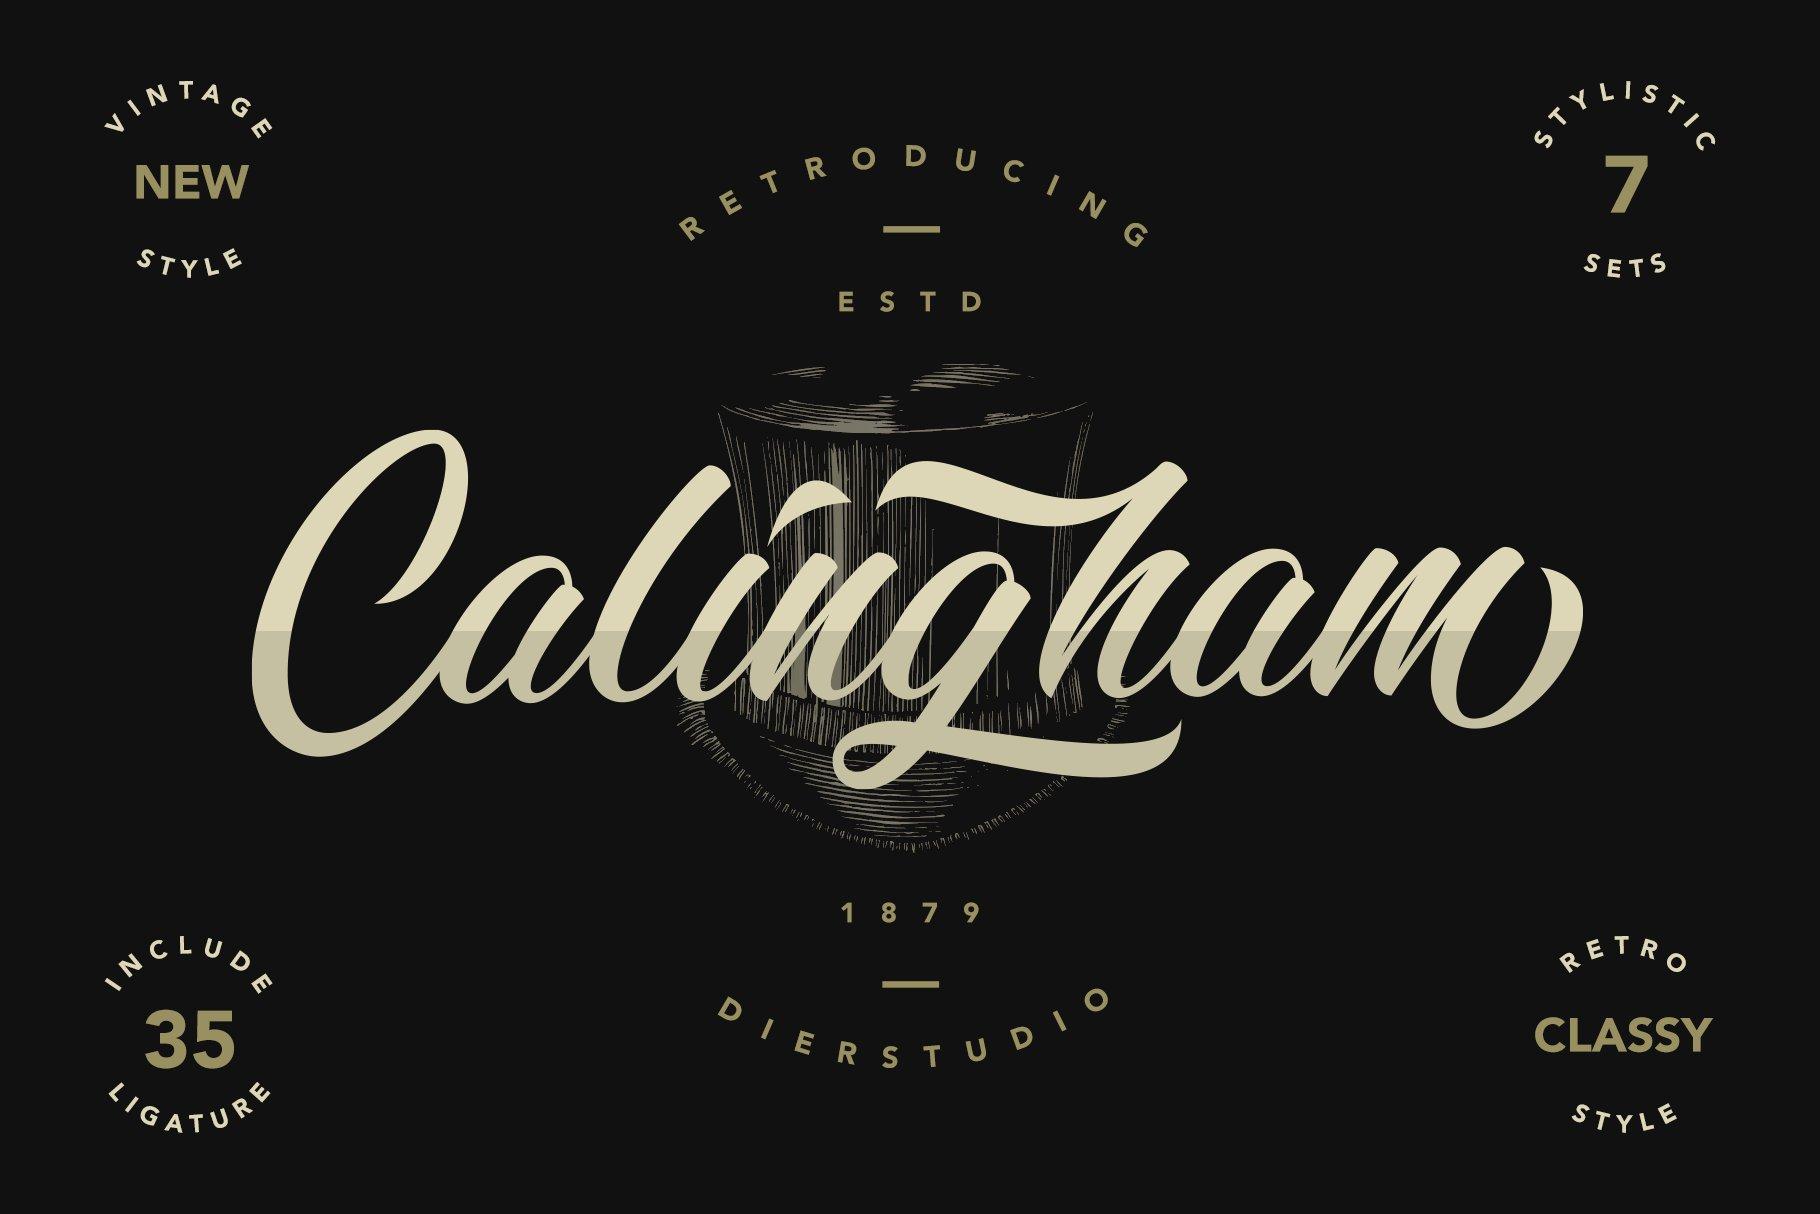 复古优雅品牌徽标Logo海报标题手绘英文字体素材 Calingham Font插图